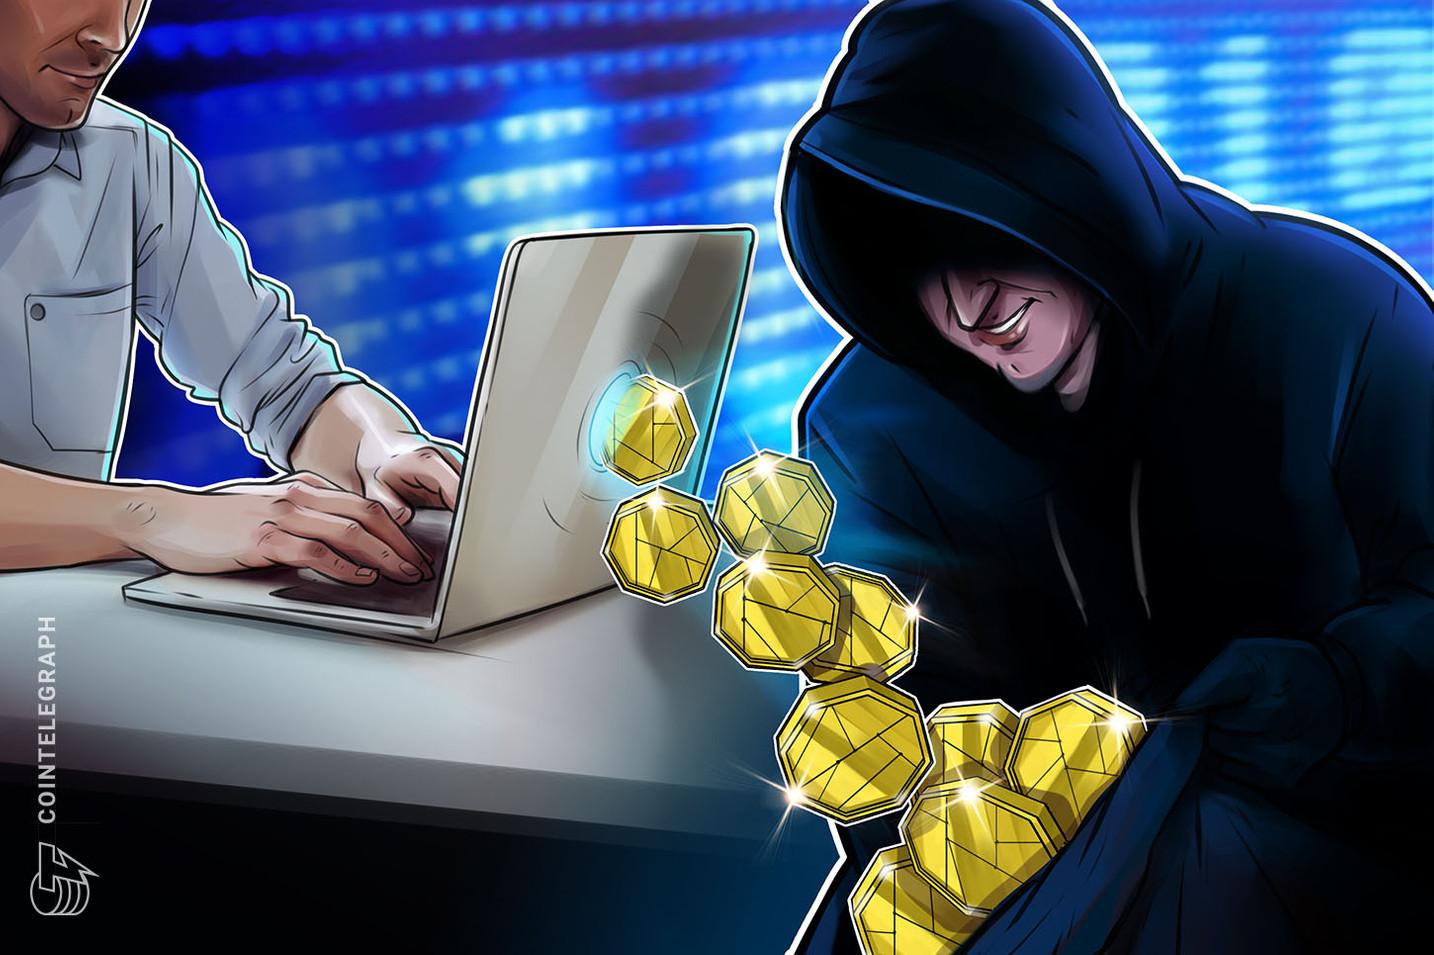 متعاقد لتكنولوجيا المعلومات يسرق ٣٨٠٠٠ دولار من العملات المشفرة أثناء إصلاح أجهزة كمبيوتر الشركة